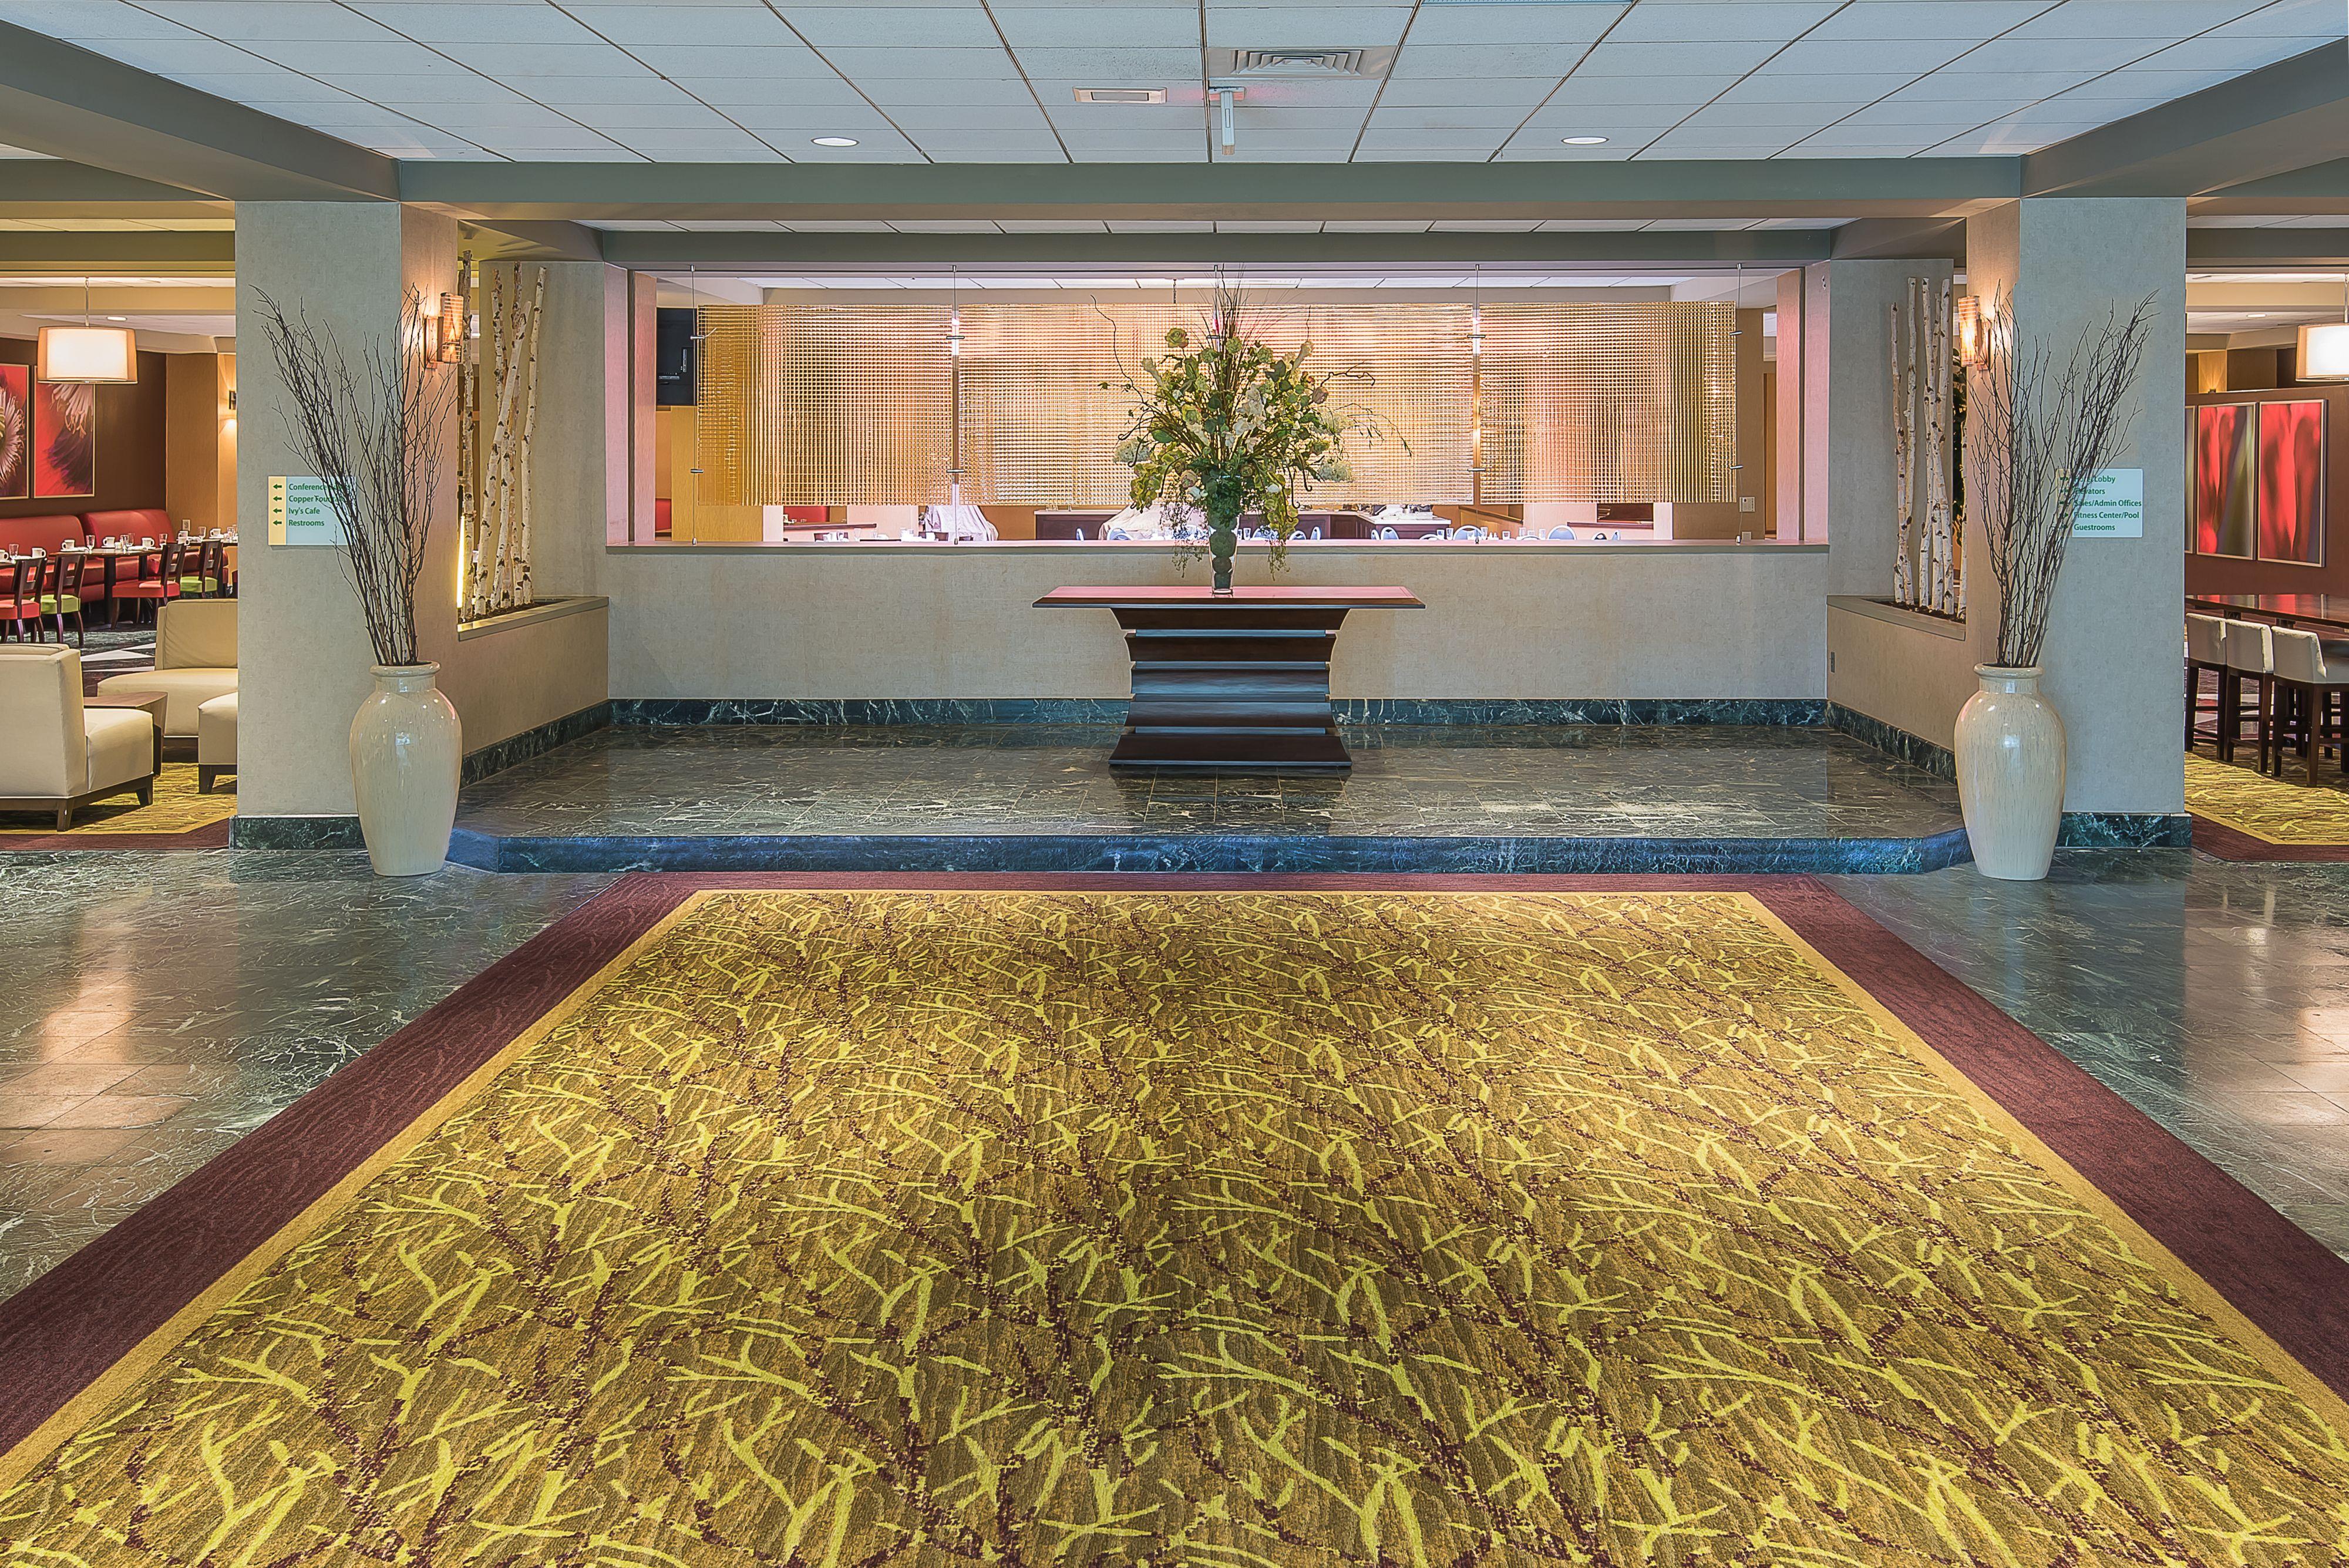 Holiday Inn Taunton Foxboro Area Taunton Massachusetts